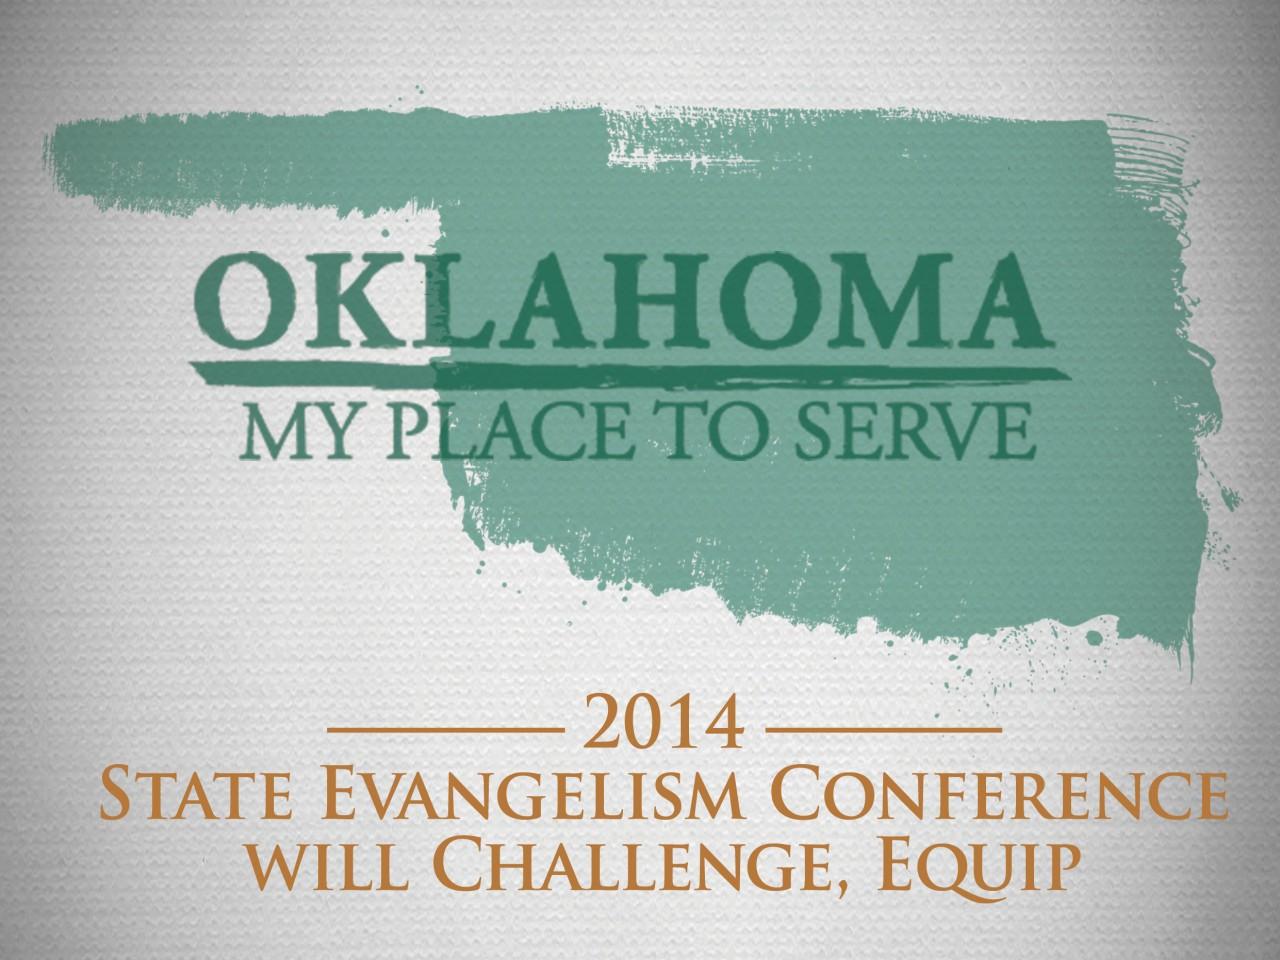 2014 SEC will challenge, equip